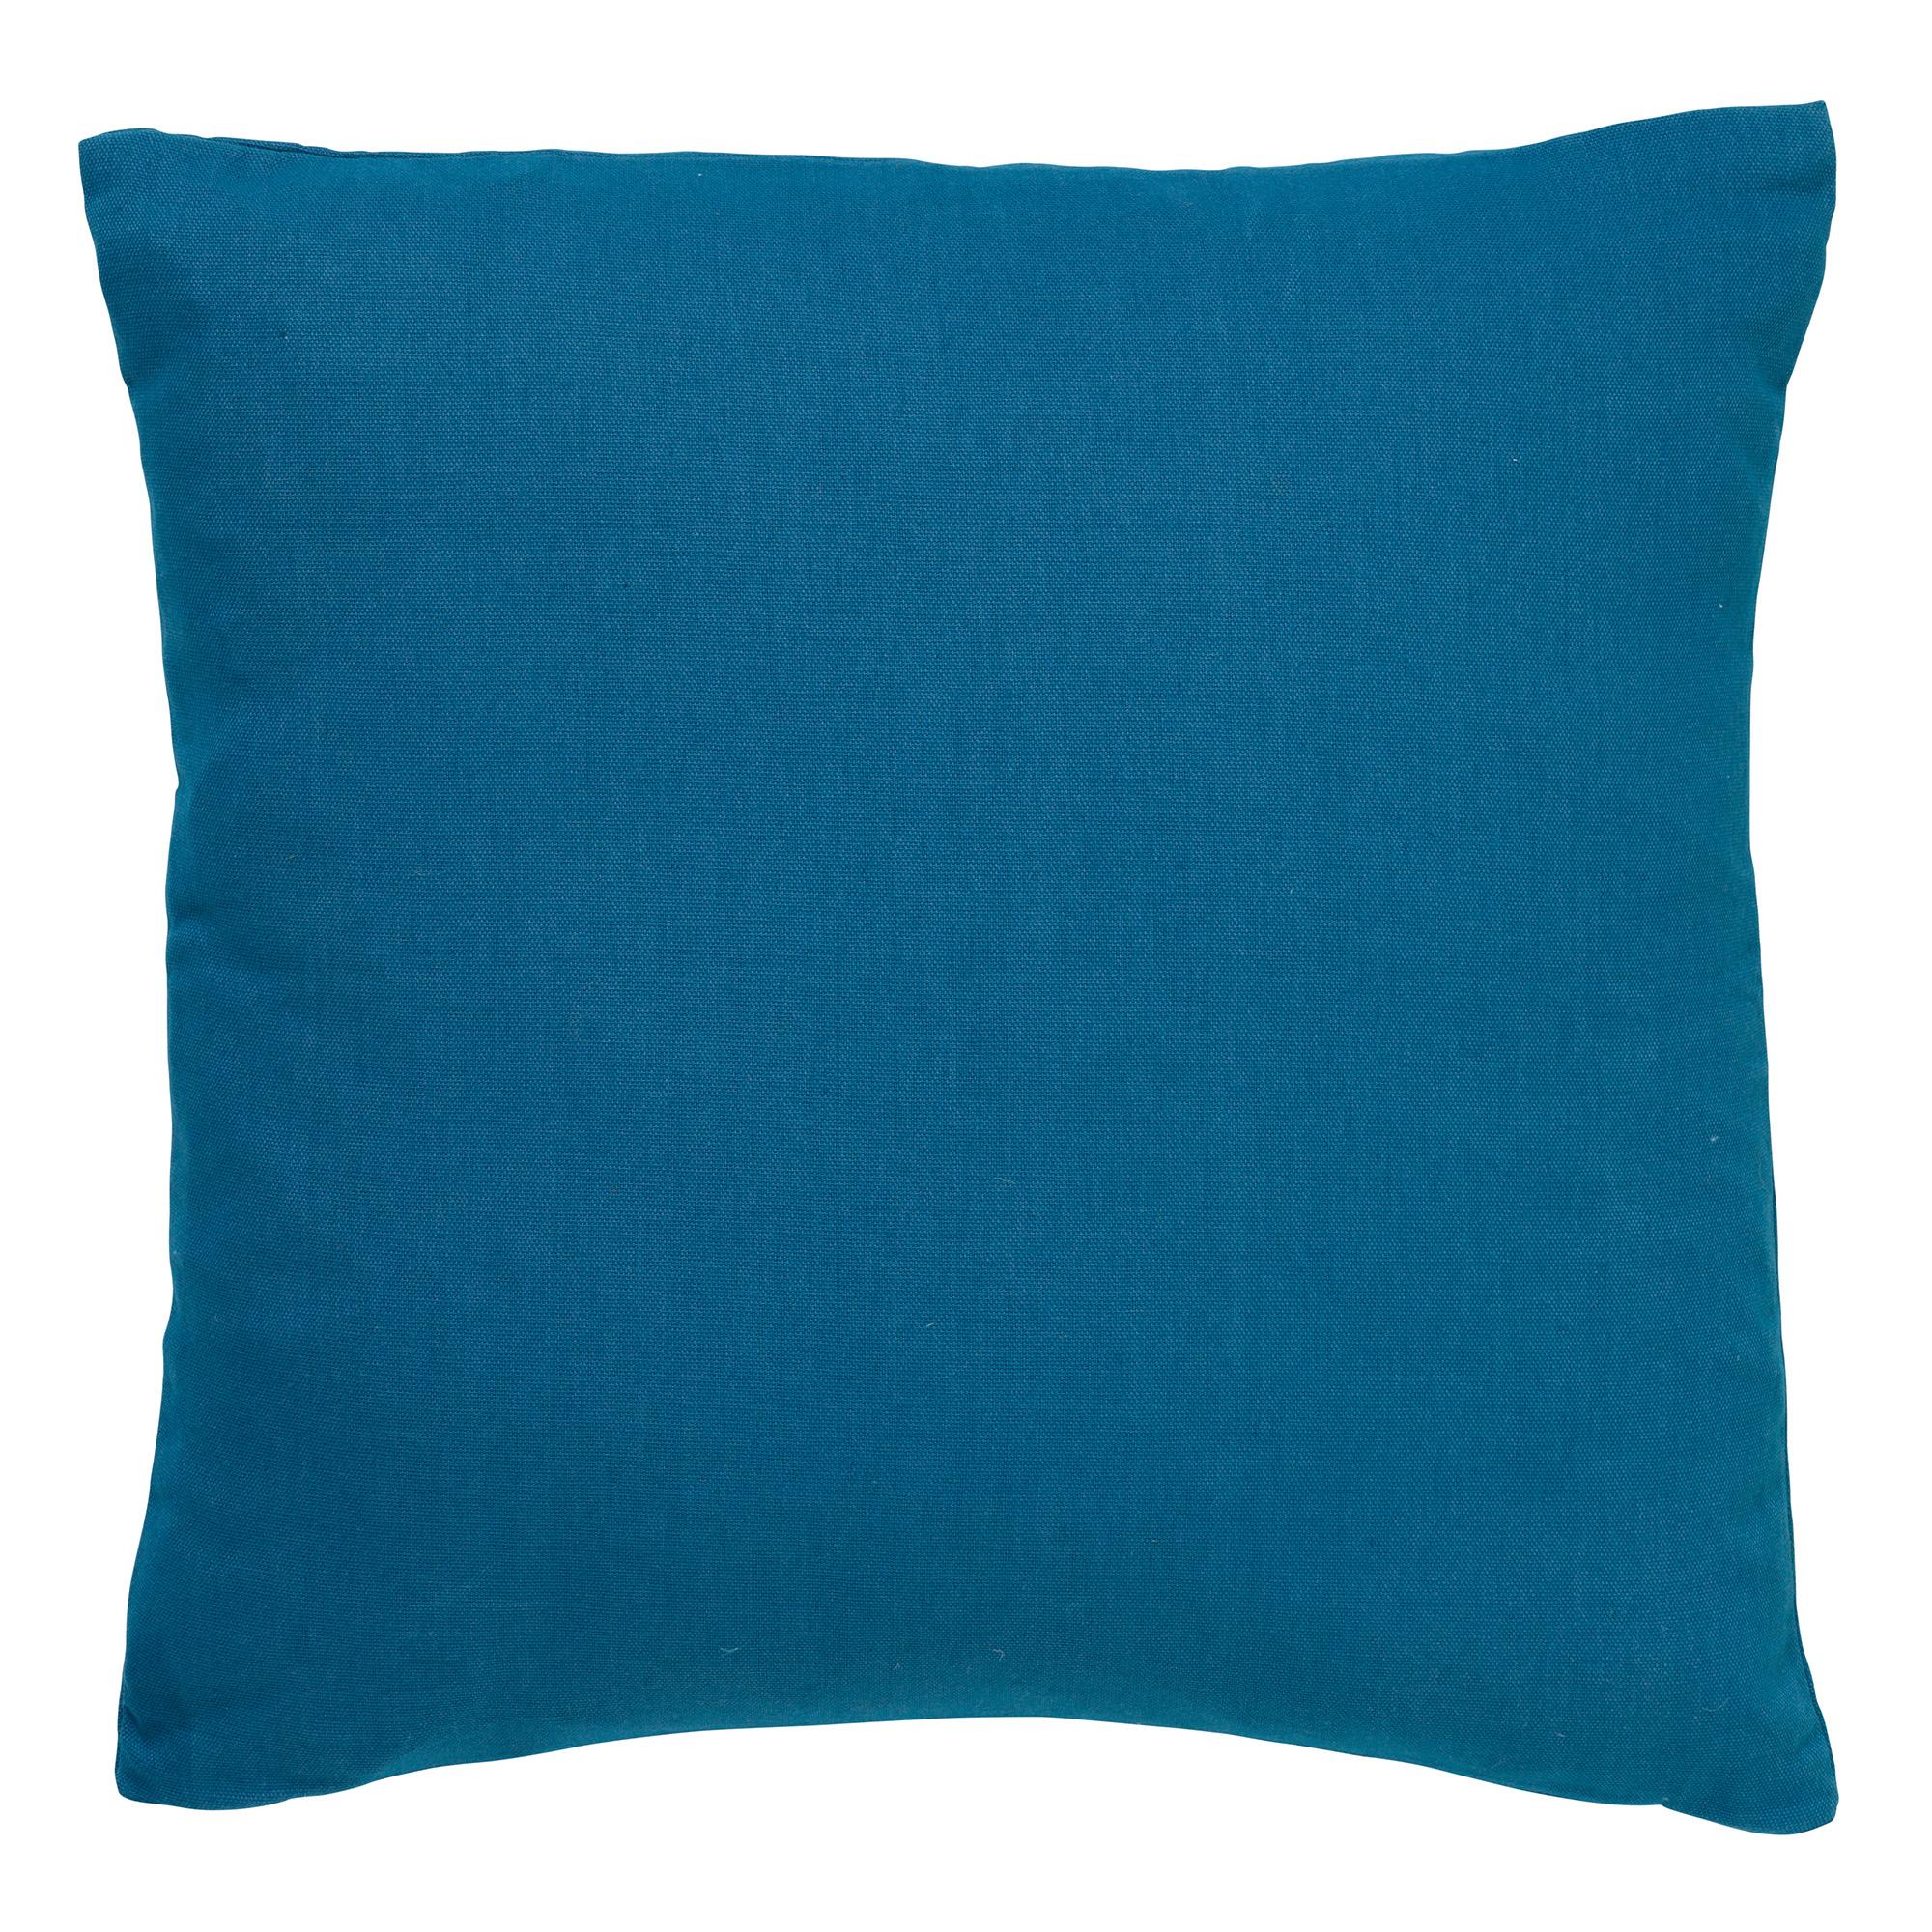 JAMES - Sierkussen van katoen Provincial Blue 45x45 cm